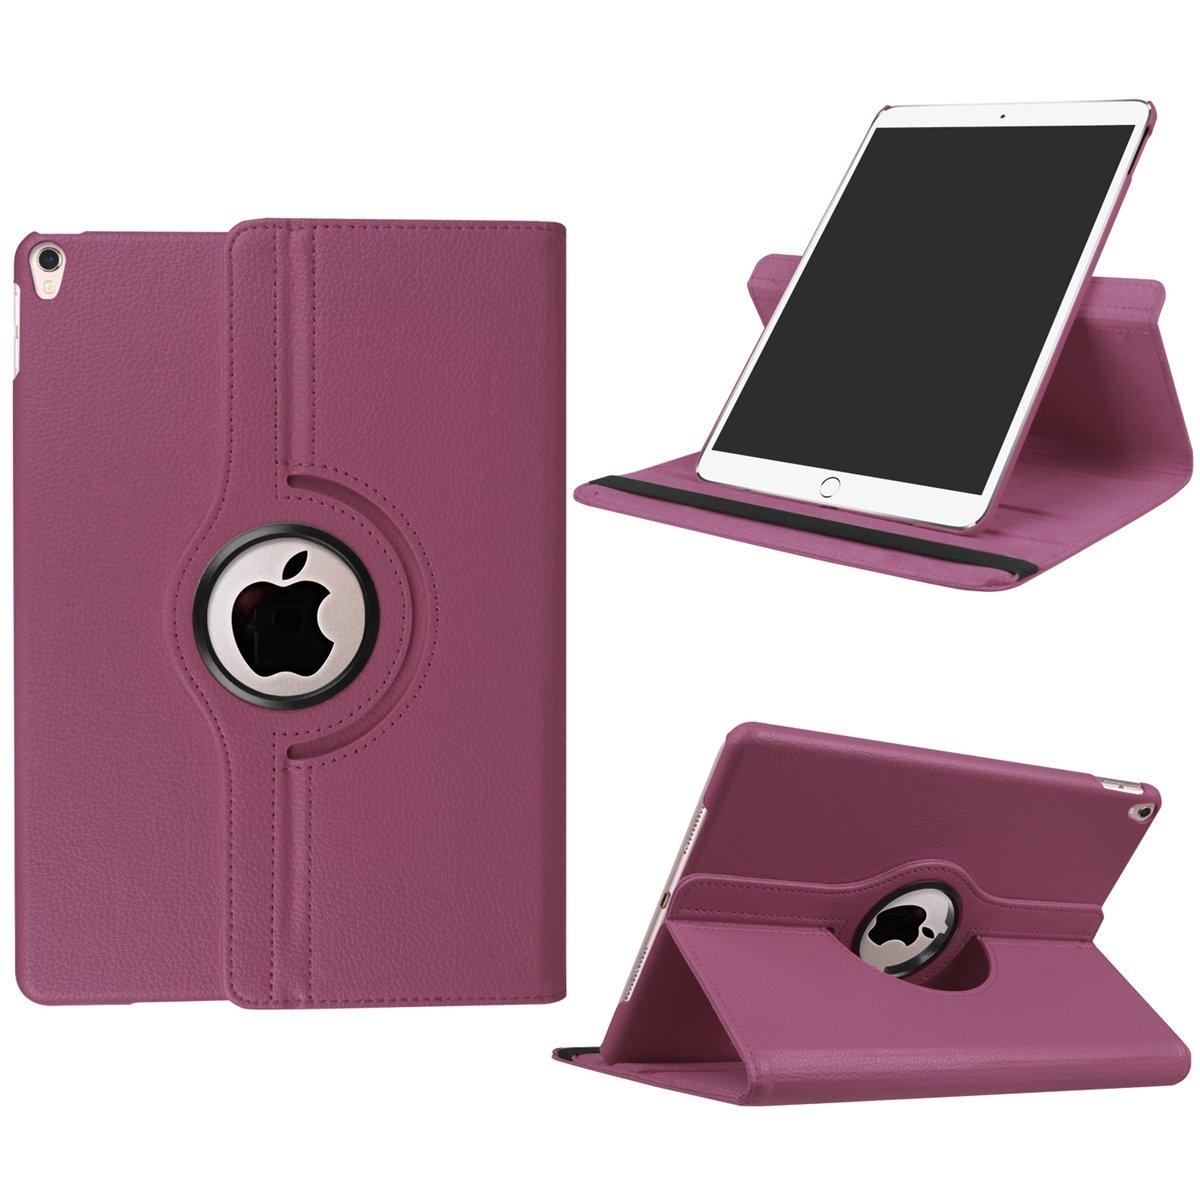 TOTOOSE iPad Pro 10.5 Funda, Inch 2017 Funda, 10.5 PU Cuero Cartera Carcasa con Función Flip Stand Marco de fotos y ranuras para tarjetas Silicona TPU Suave Cover(Púrpura) 1732f2